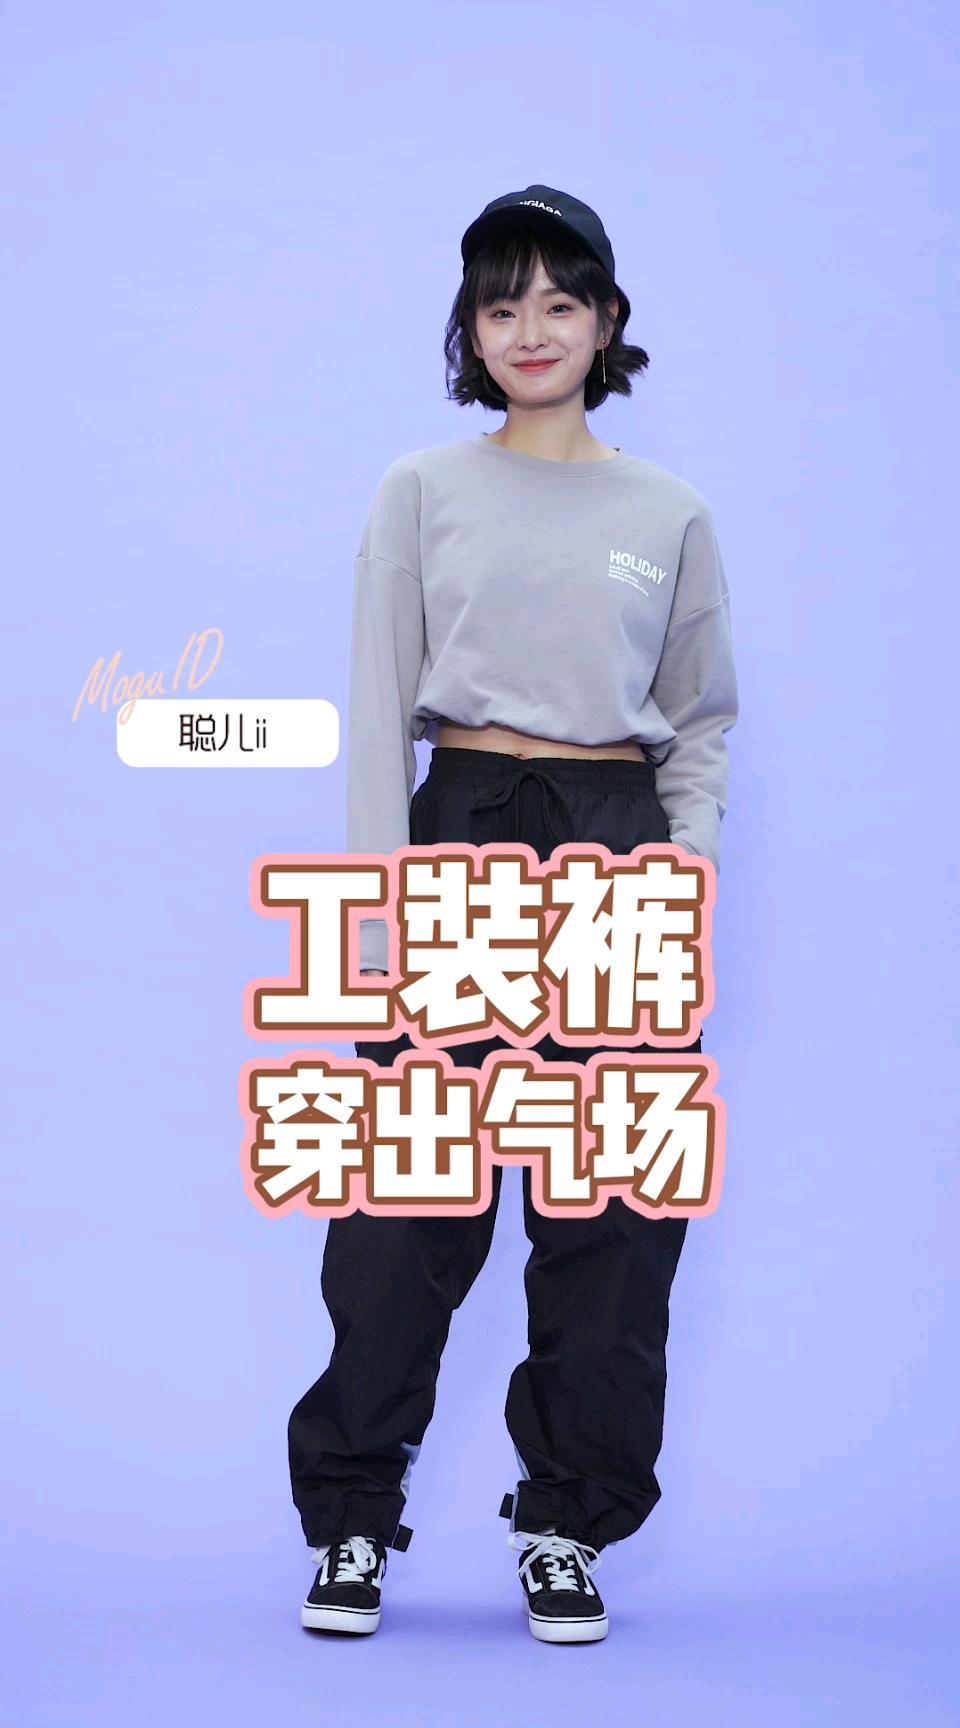 这样搭配工装裤,让你秒变两米的气场!#工装裤#你最喜欢哪位明星的穿搭风格?@聪儿ii